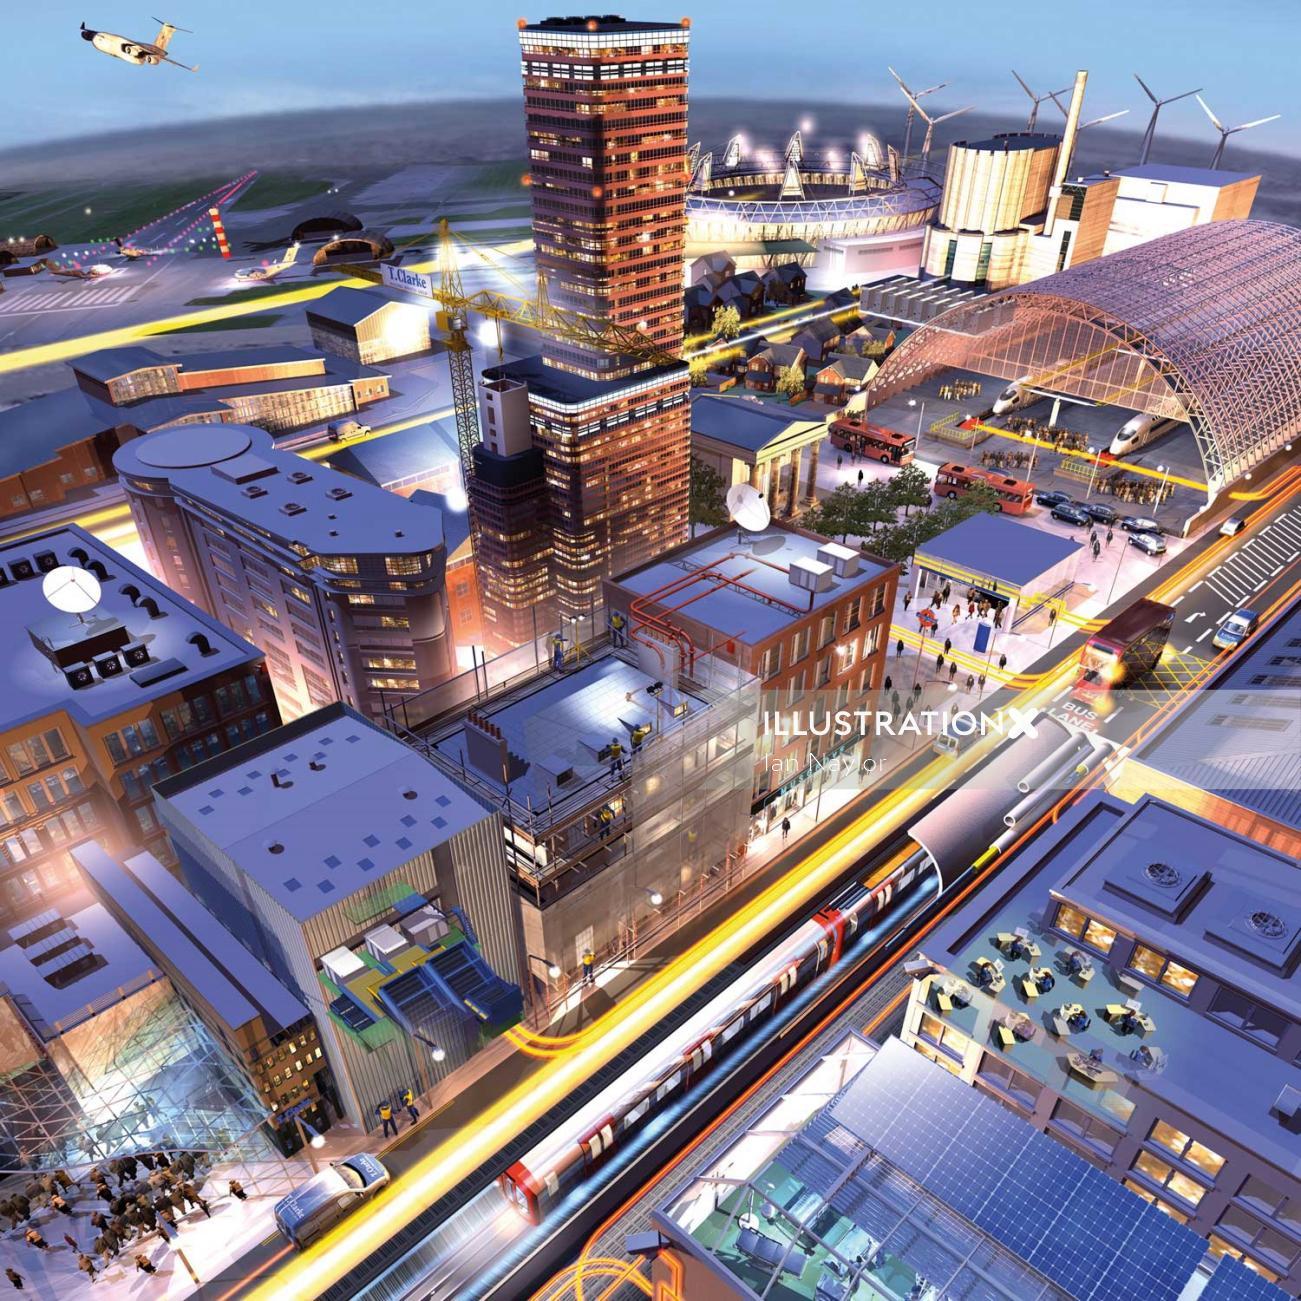 Cityscape illustration by Ian Nayor